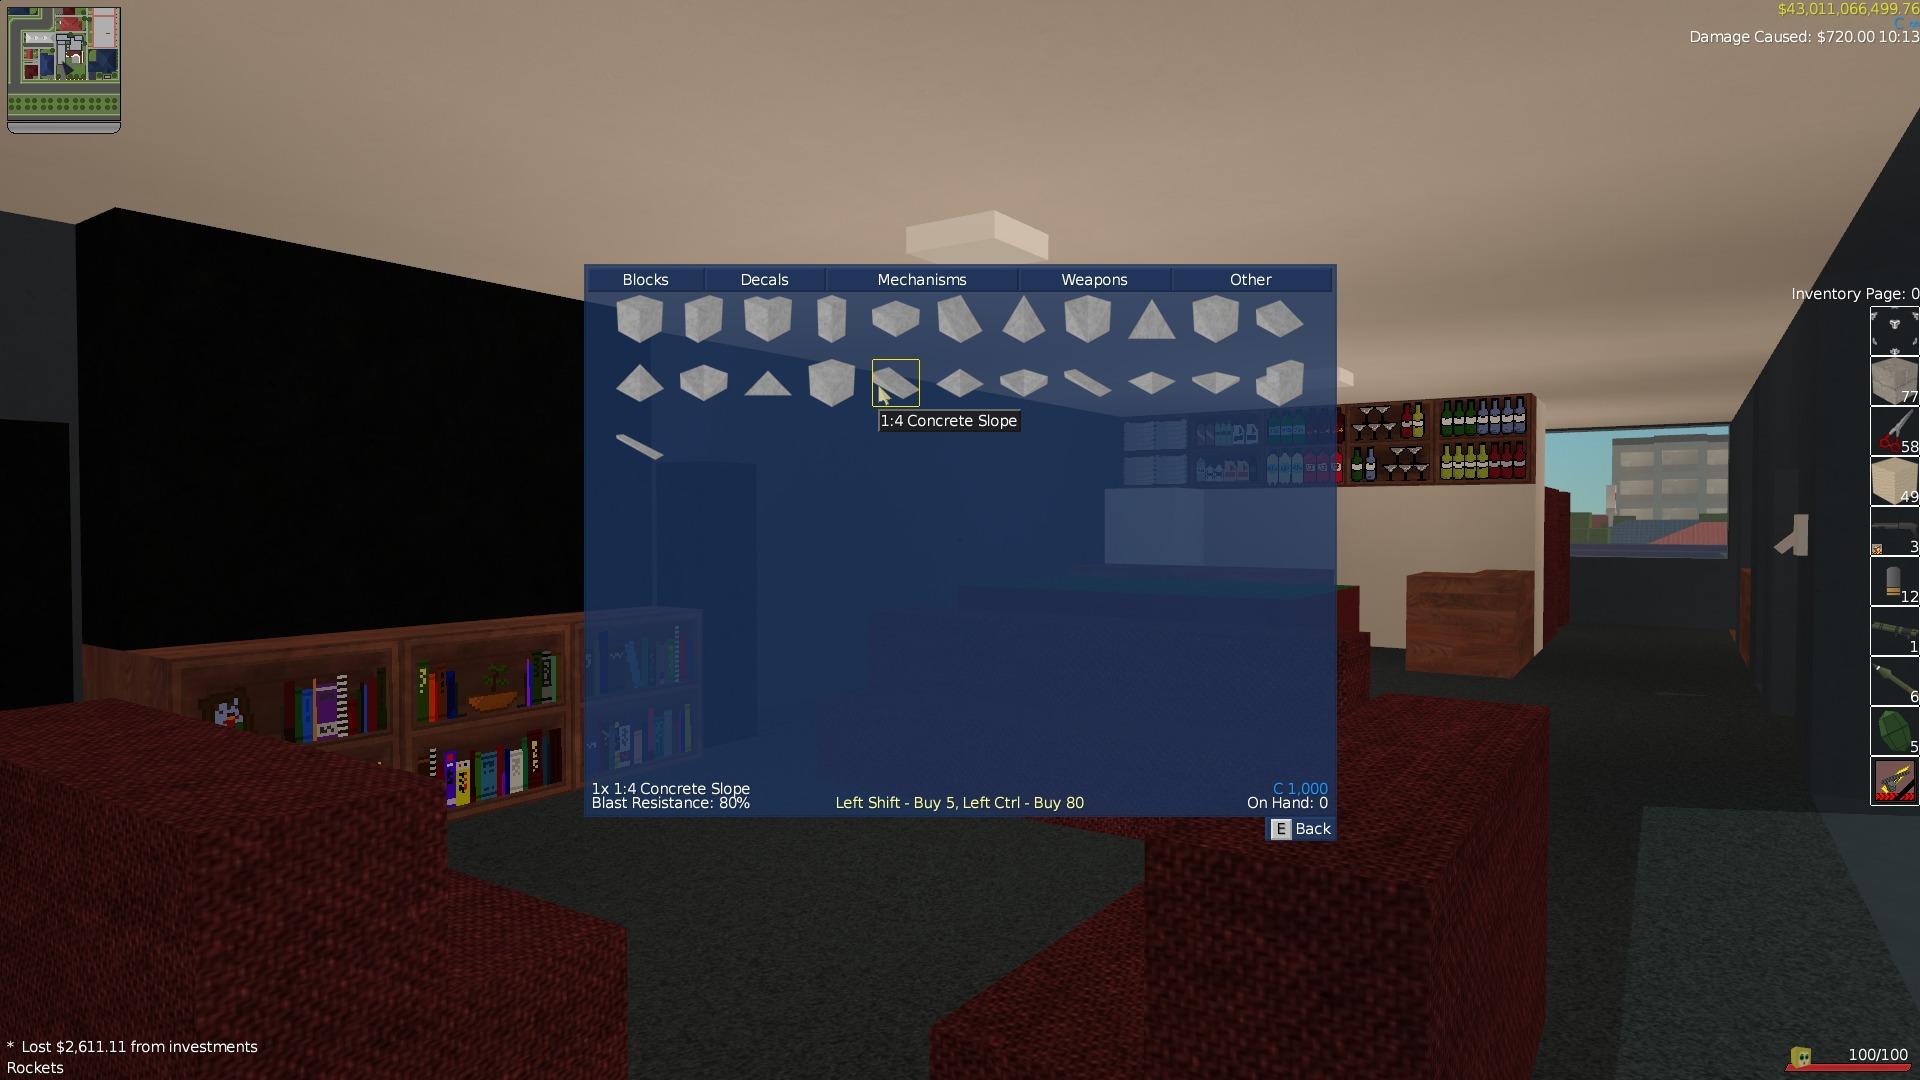 screenshot-1459940293288.jpg